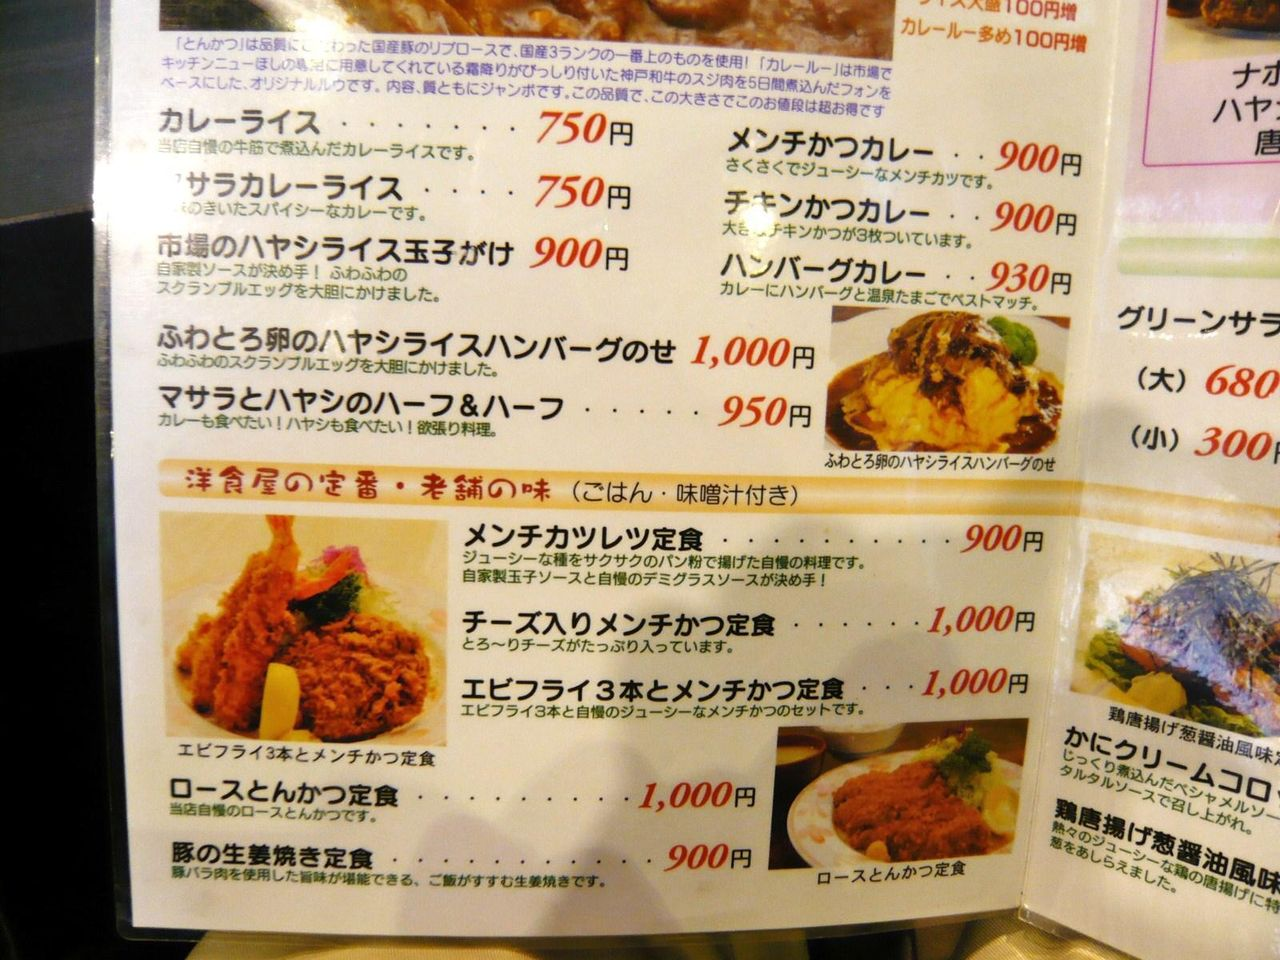 キッチンニューほしののメニュー(24年2月現在)